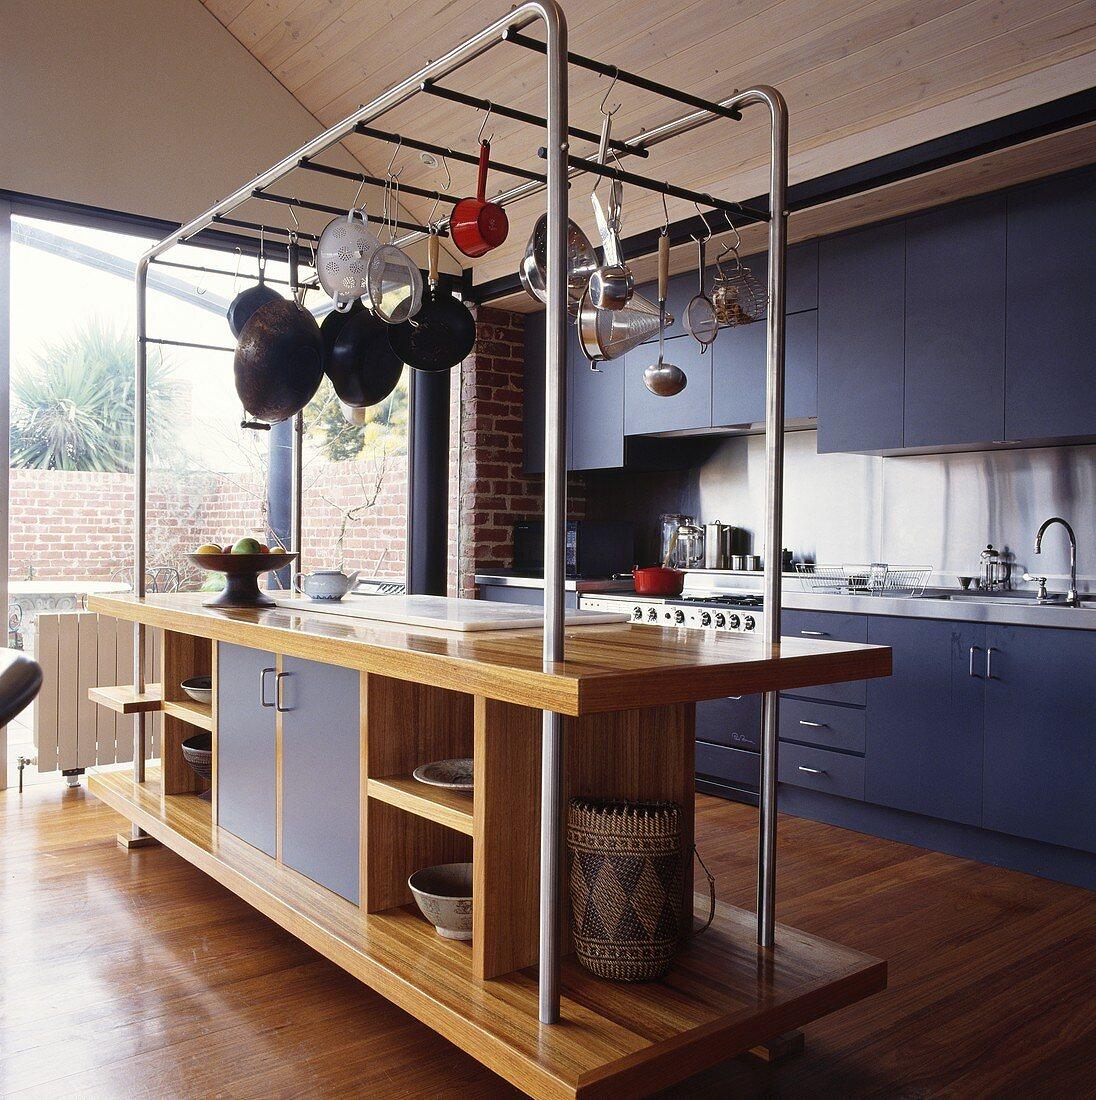 eine kücheninsel mit einer … - bild kaufen - 717172